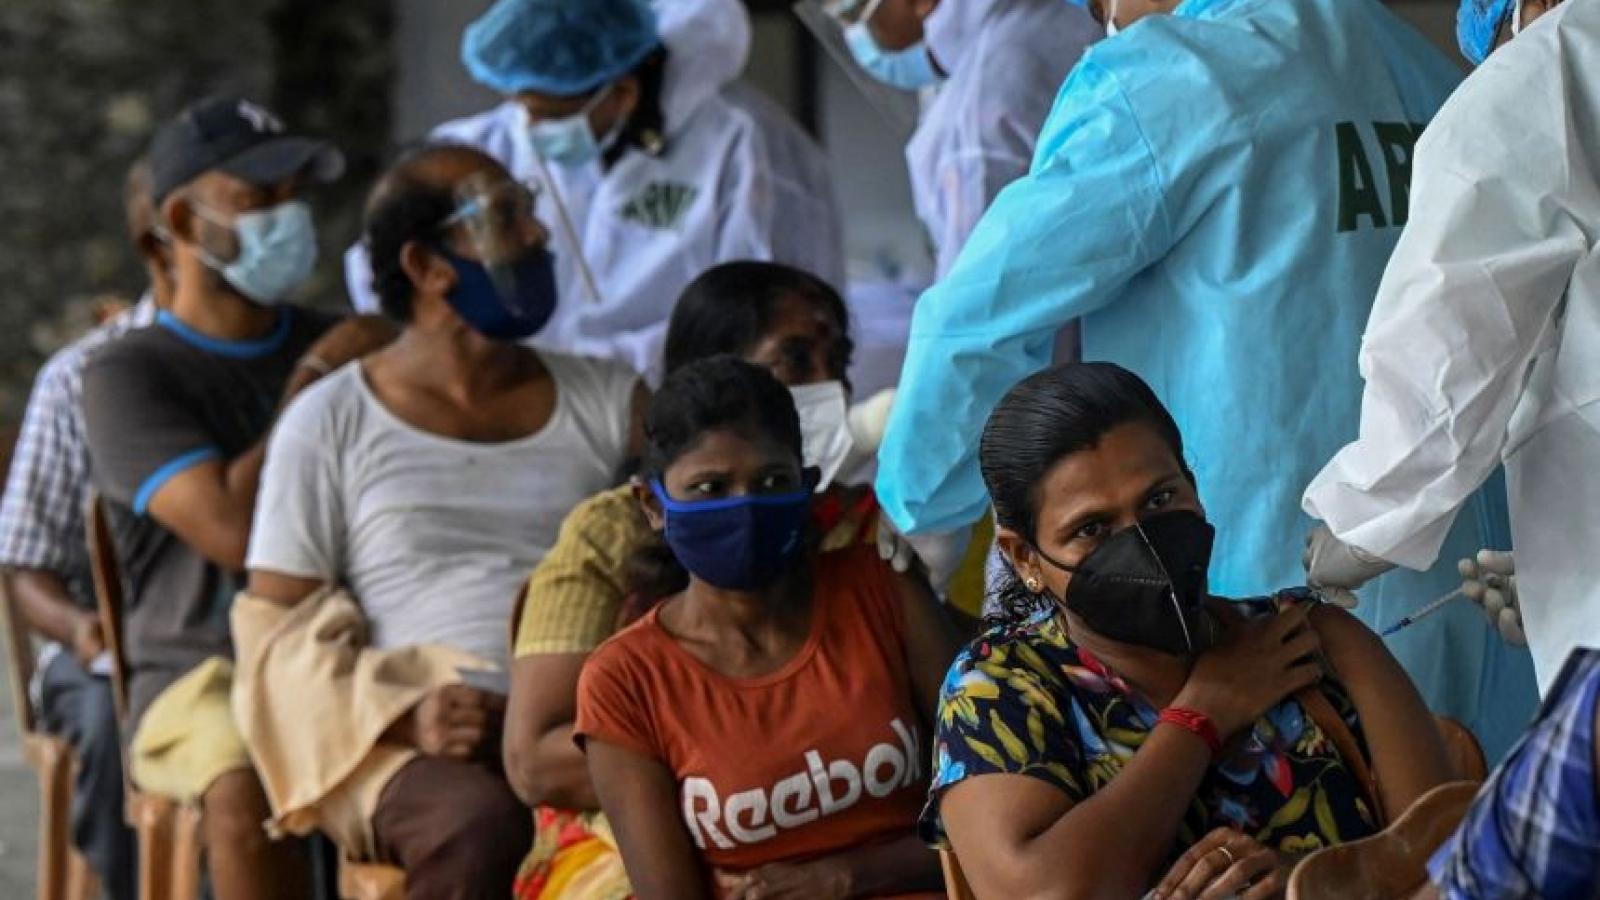 WHO cảnh báo nhiều biến chủng SARS-CoV-2 mới nguy hiểm lan rộng trên toàn cầu